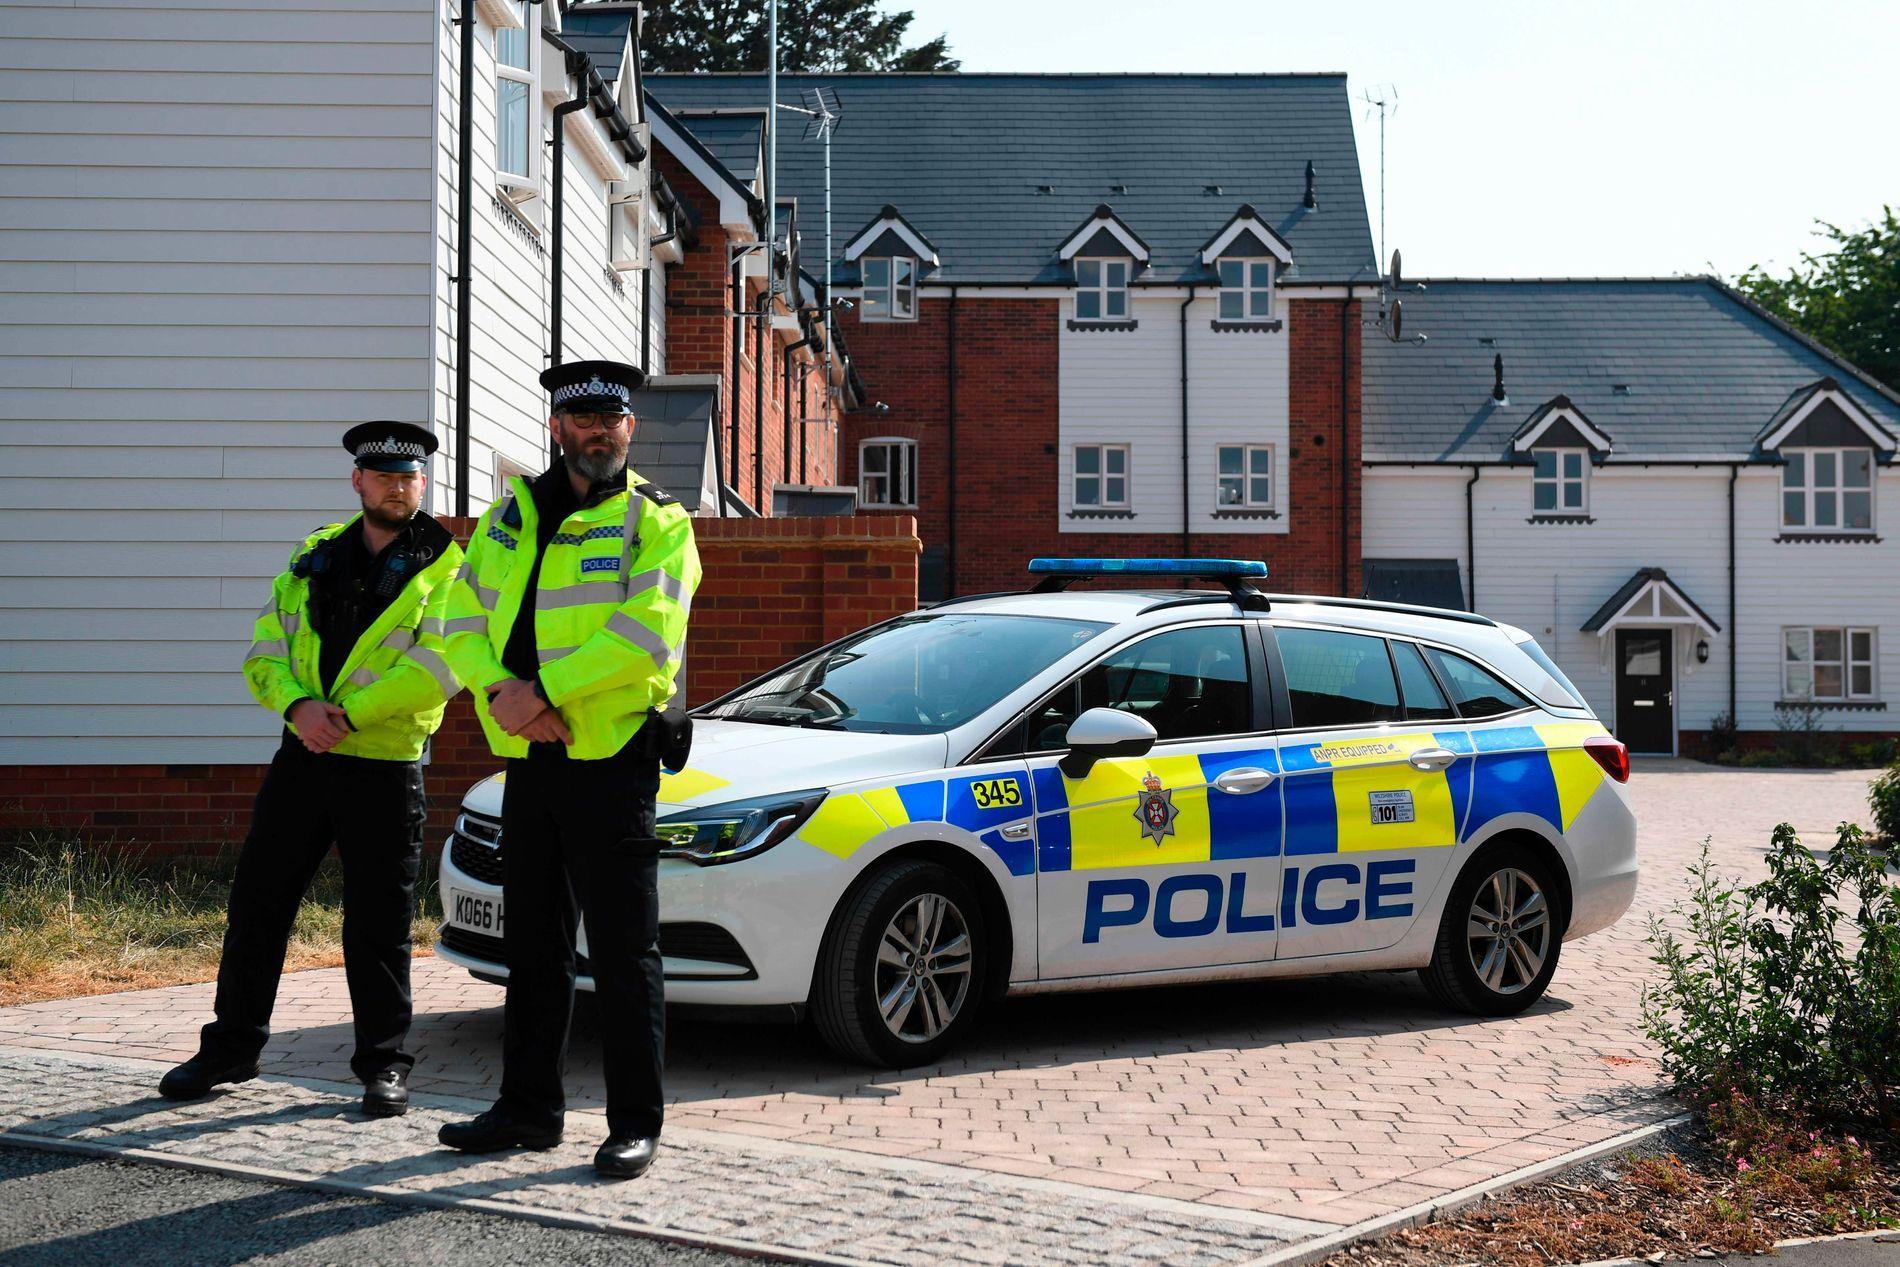 KRITISK: Politiet på plass utenfor huset i Amesbury, hvor paret i 40-årene ble funnet.